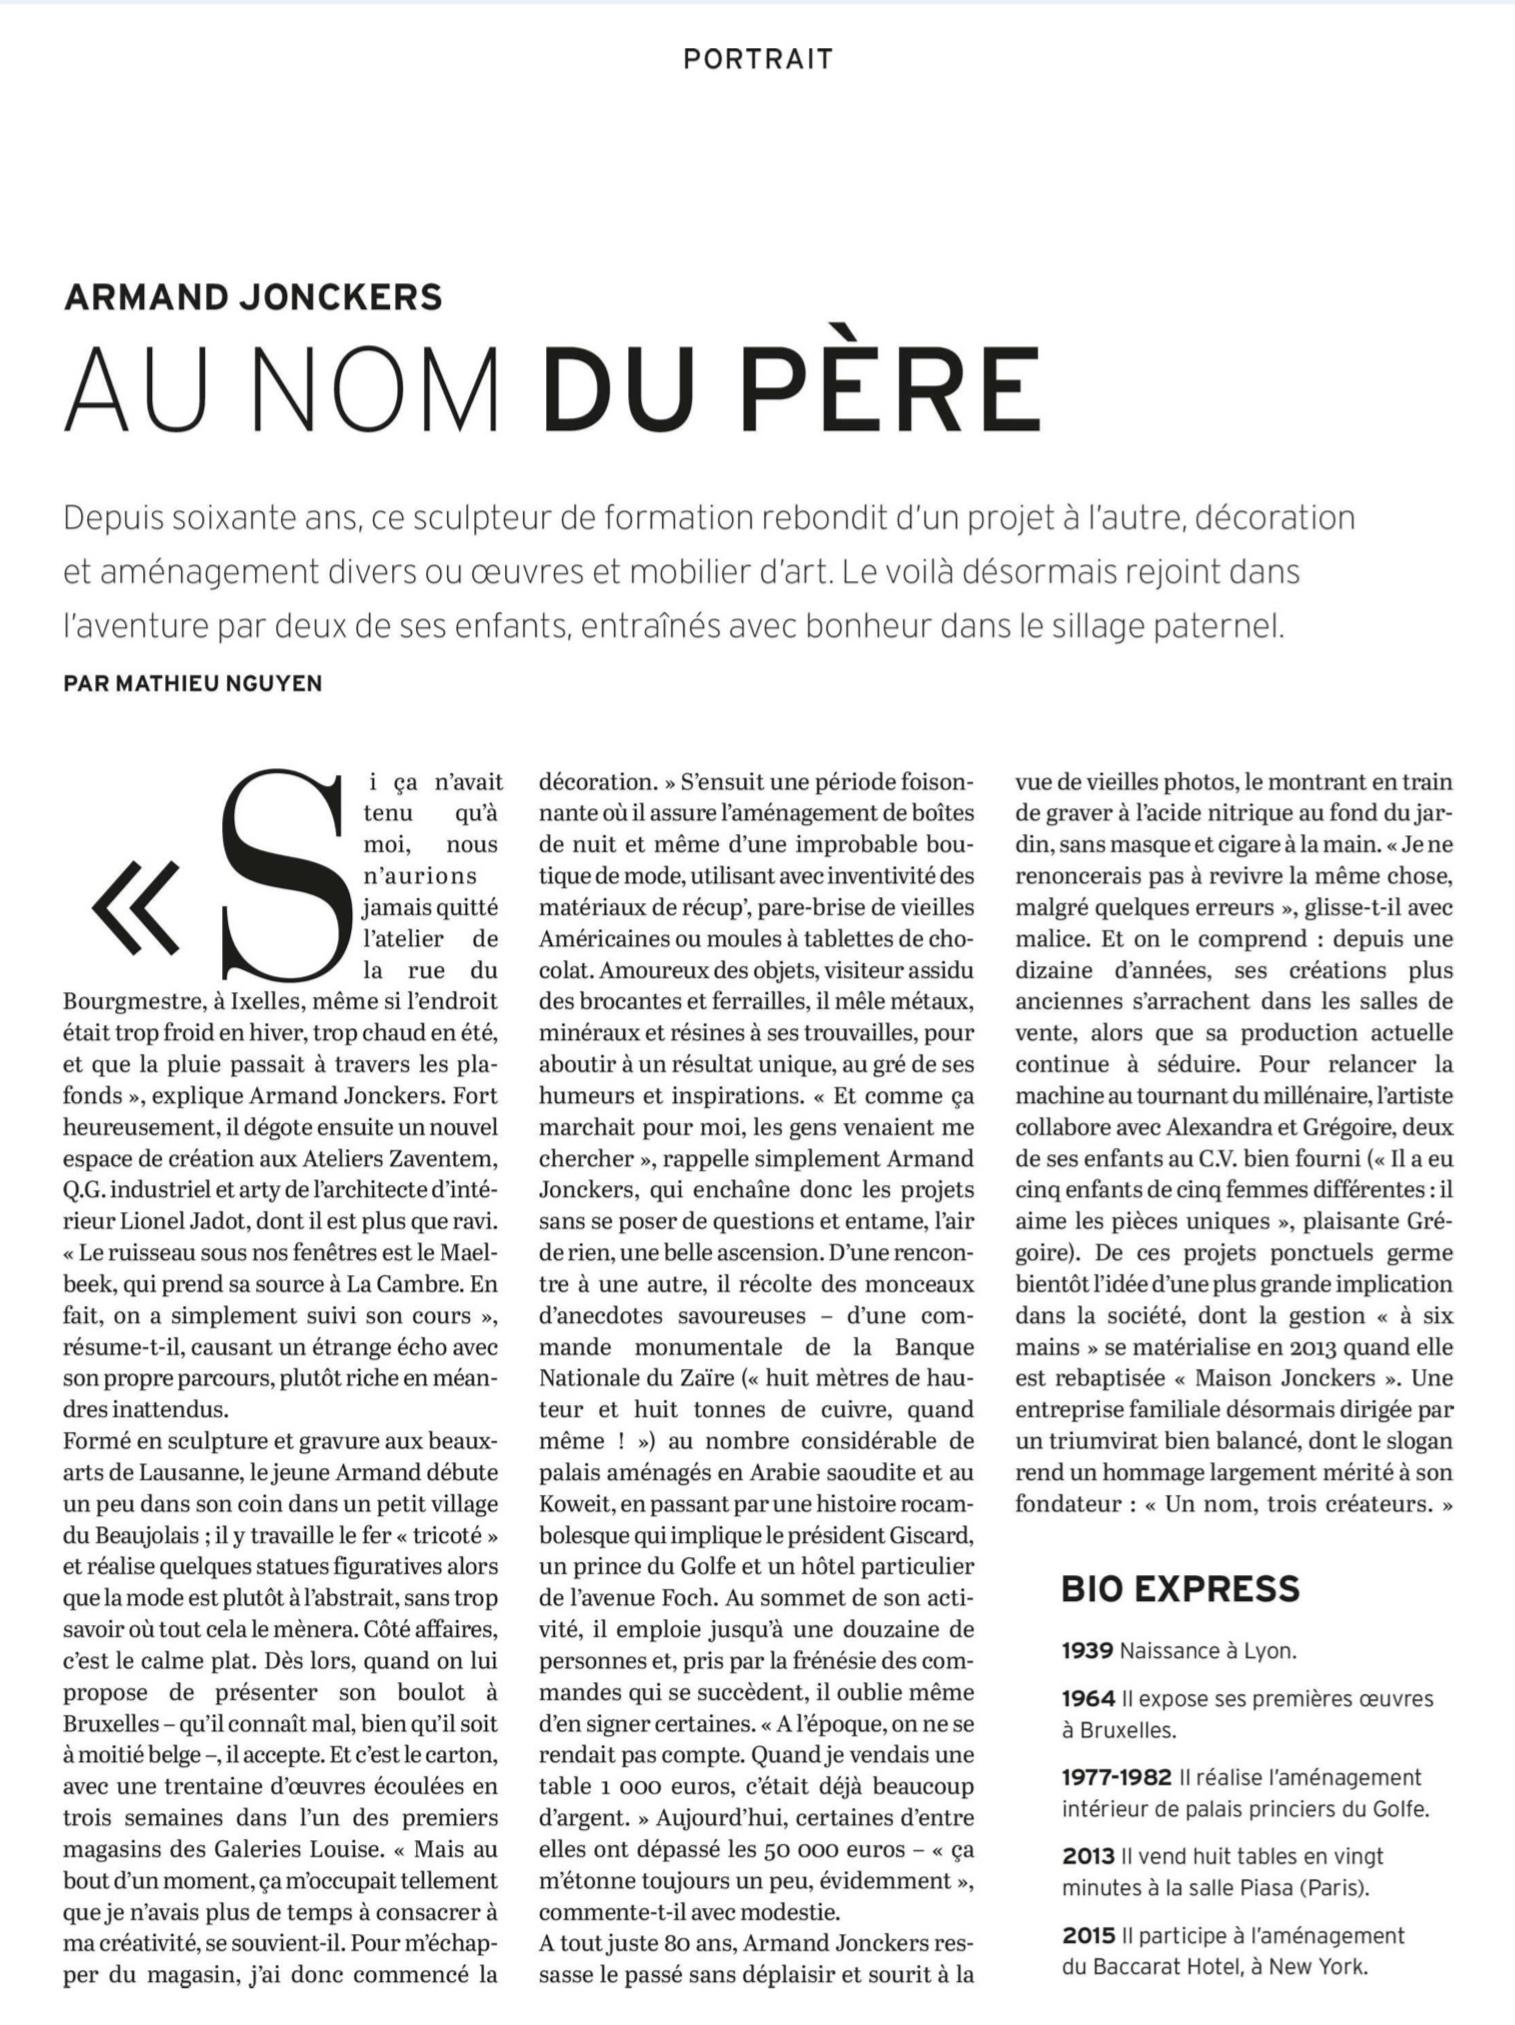 2019.03.07-Weekend (Le VifL'Express)-Au nom du père2.jpg